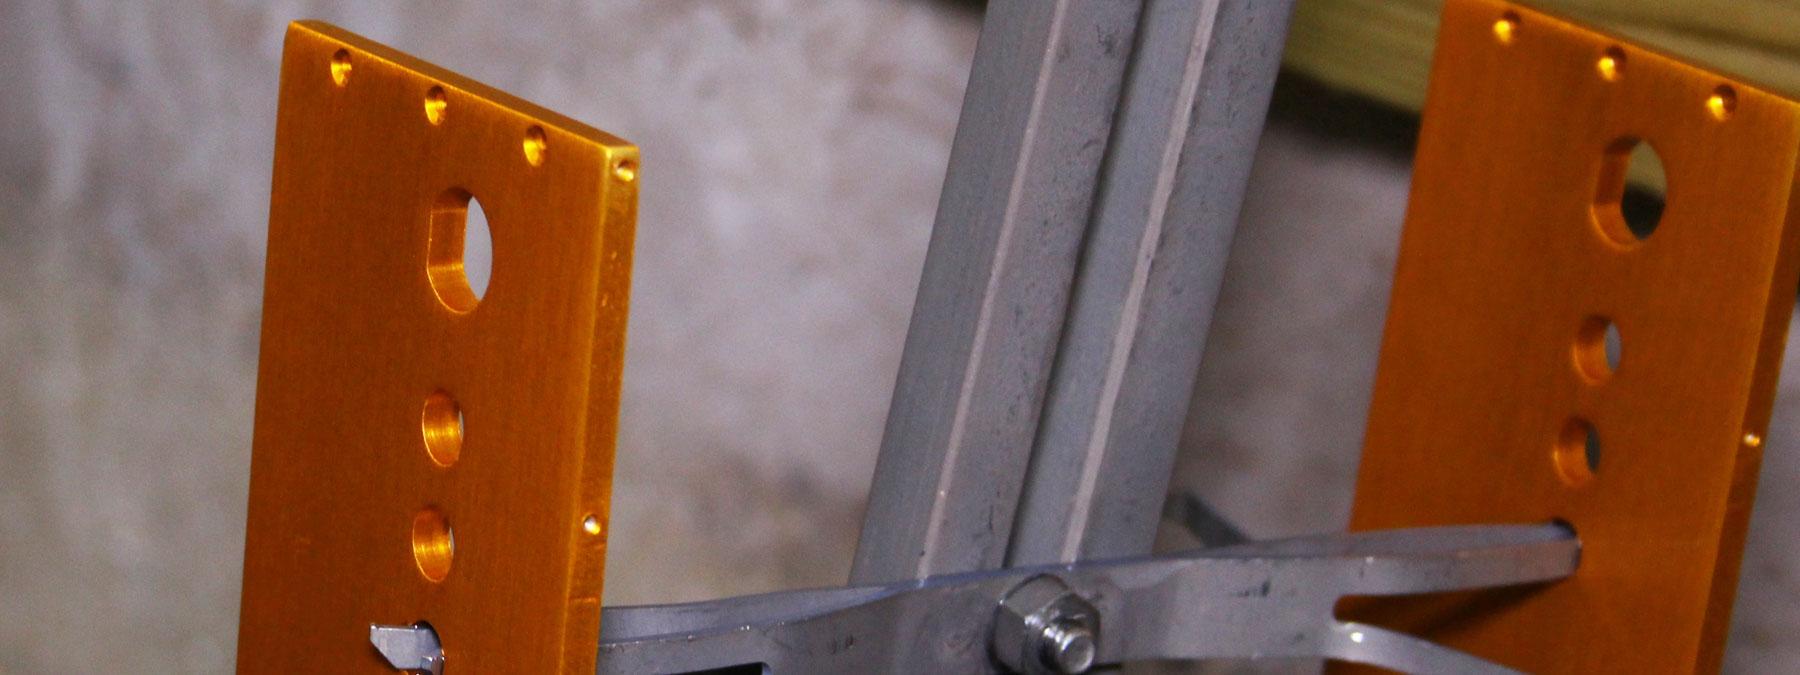 Anodized Aluminum - Orange Dye